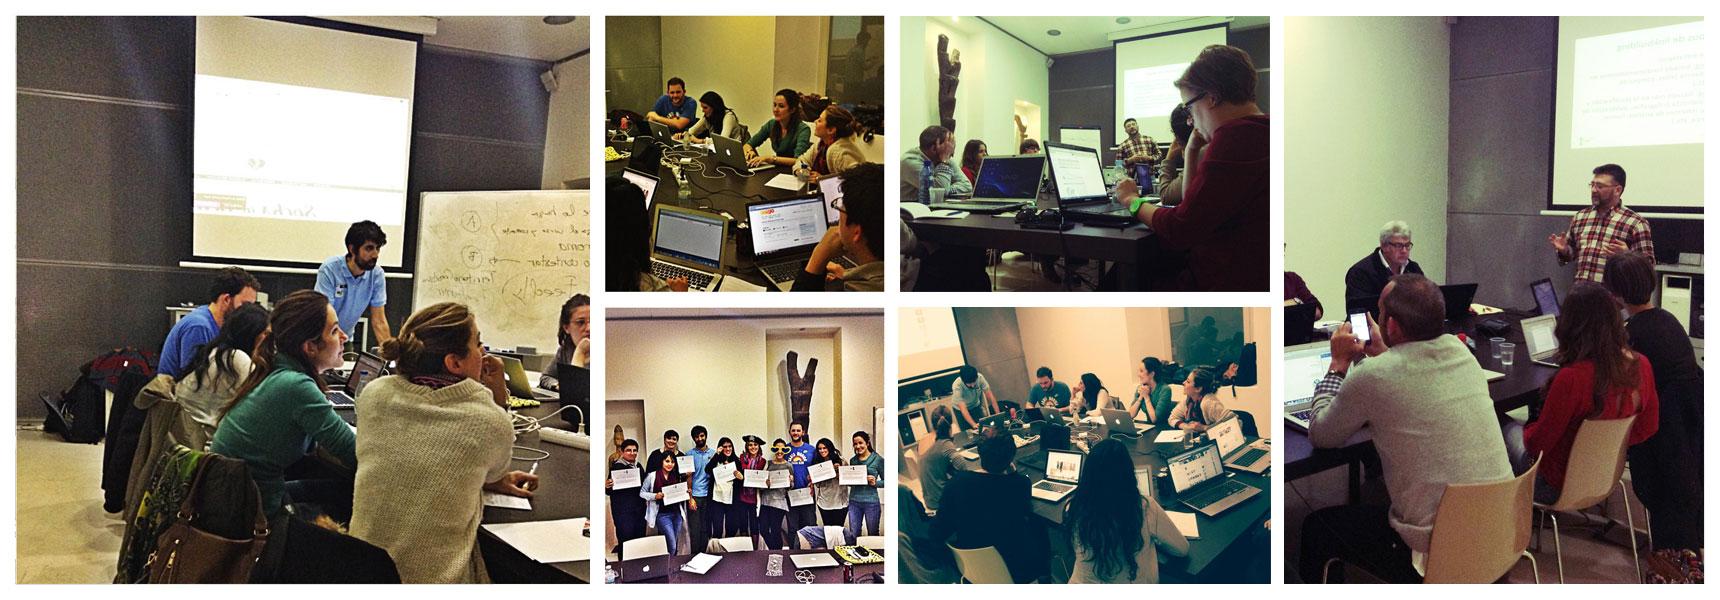 Escuela 05 Cursos de Marketing Online en Madrid